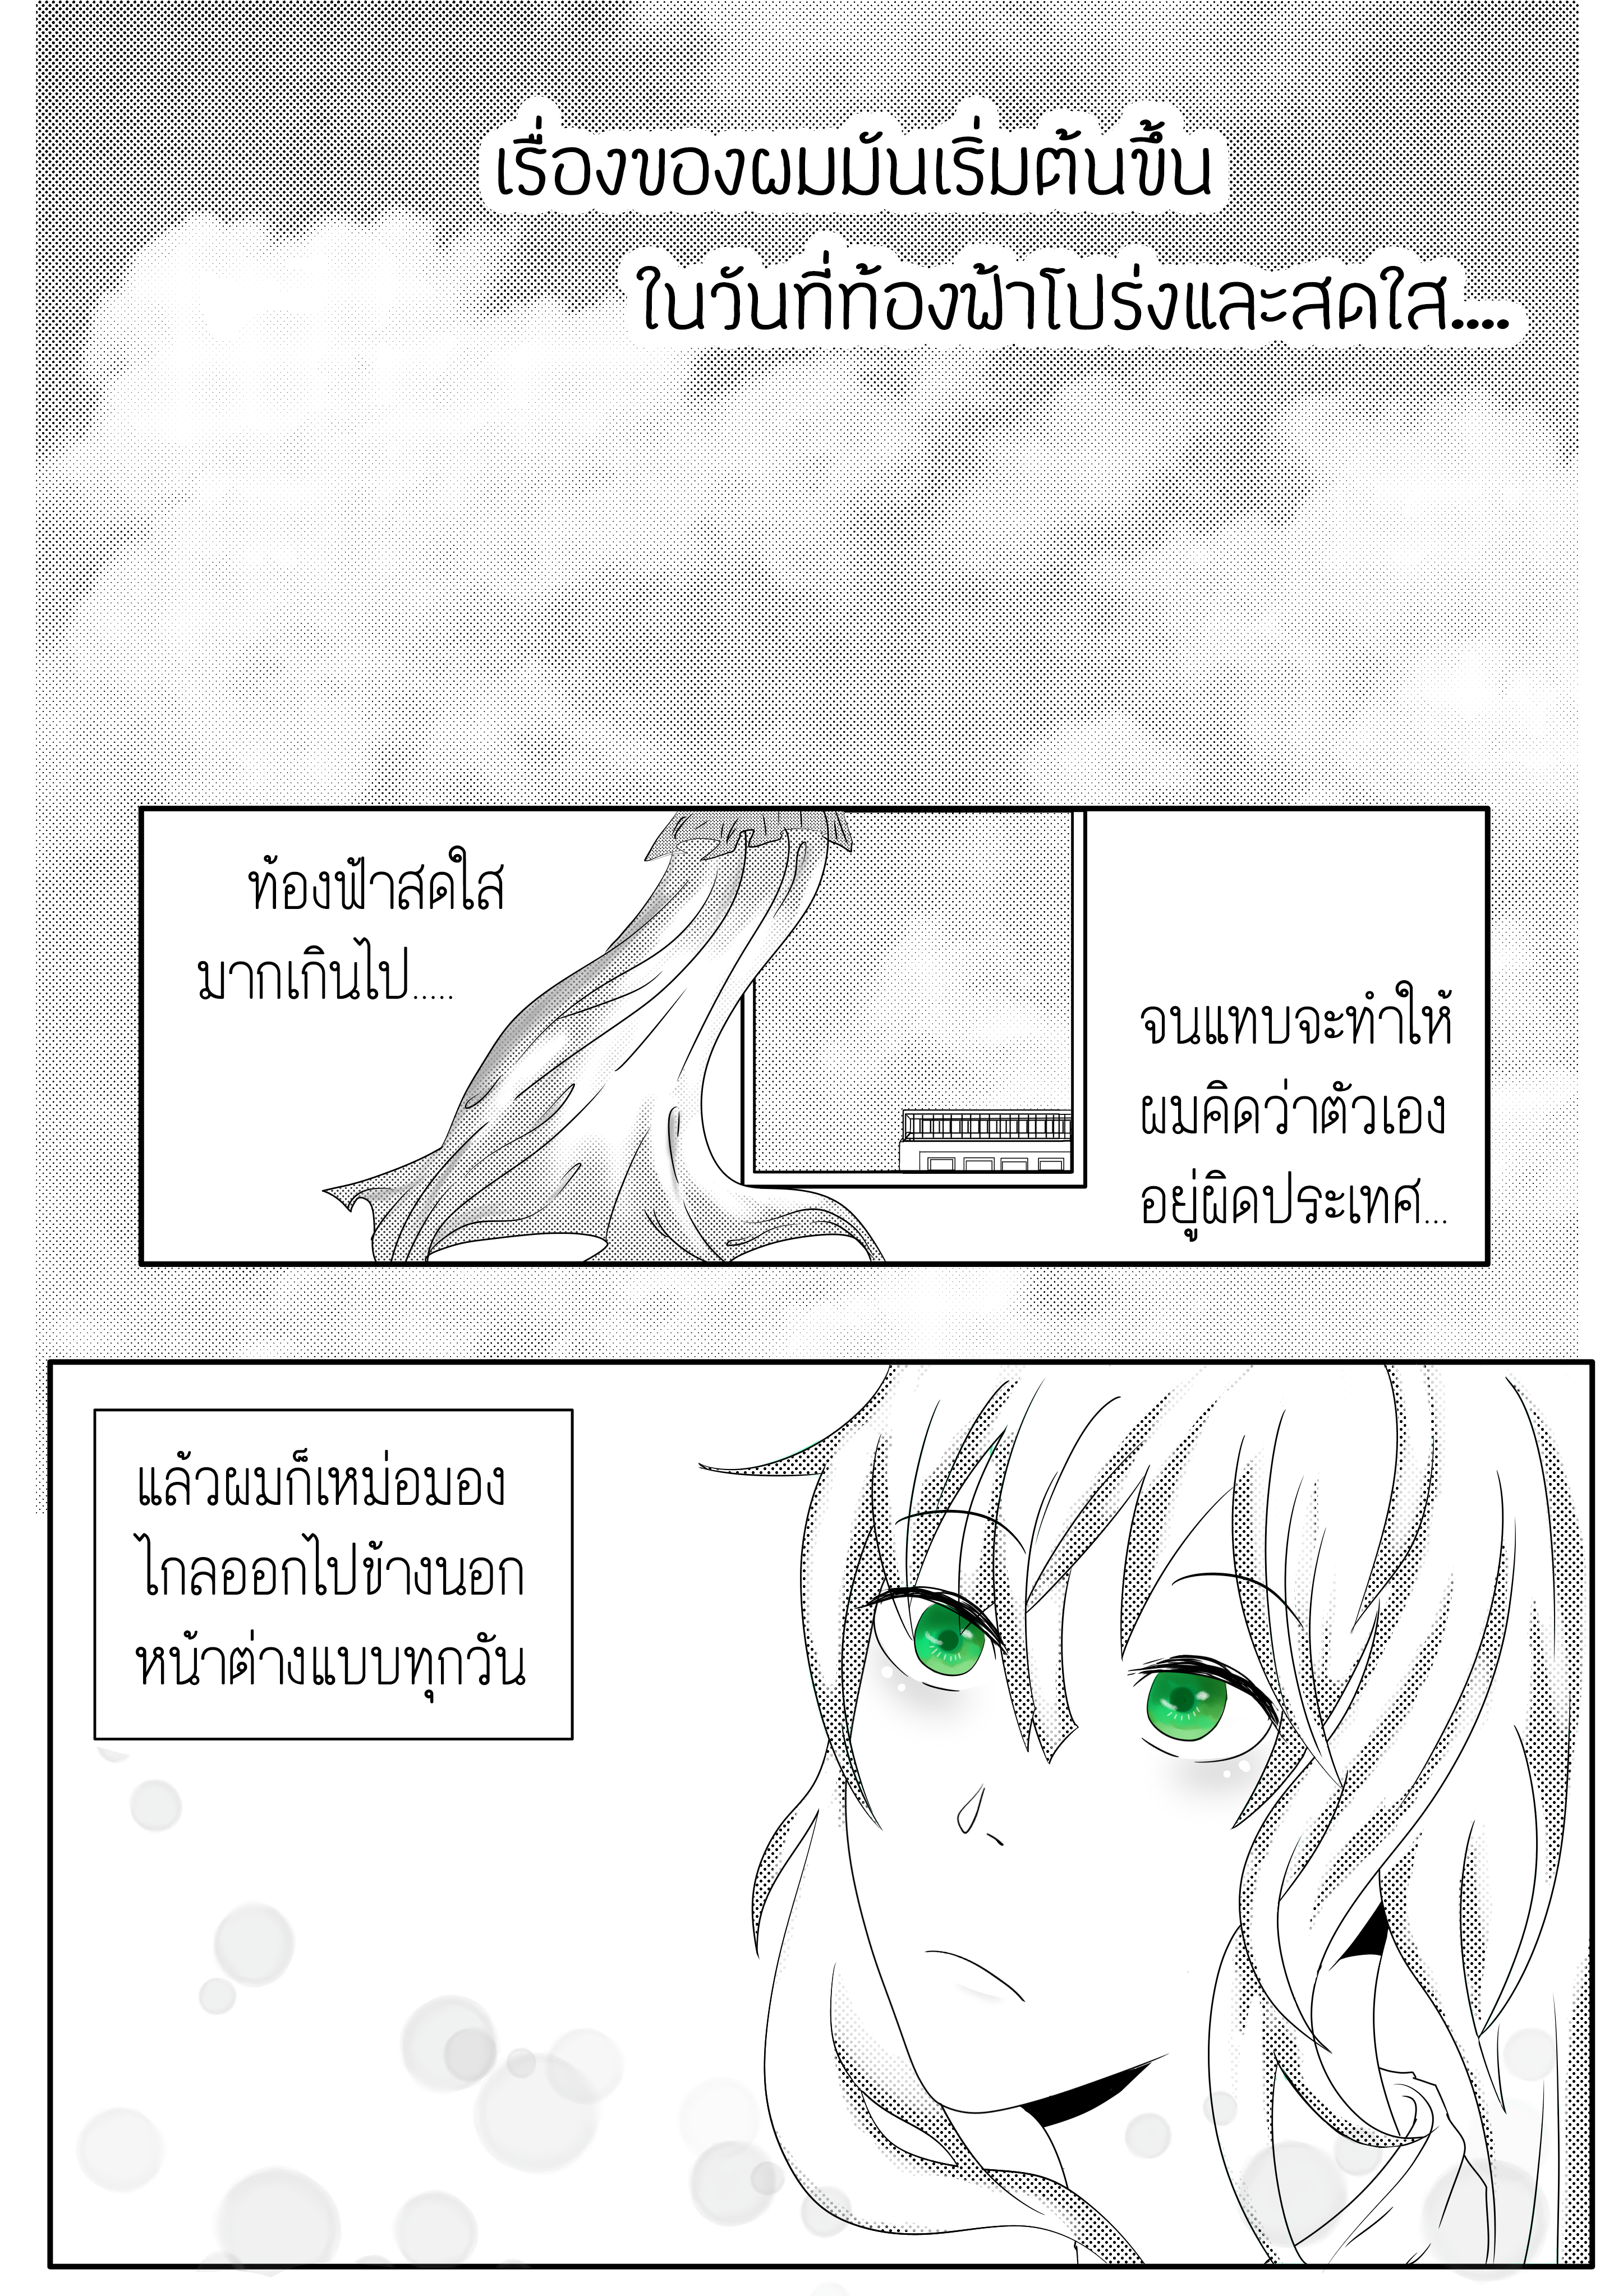 บทที่1 (ReArt) - การเจอกันครั้งแรก